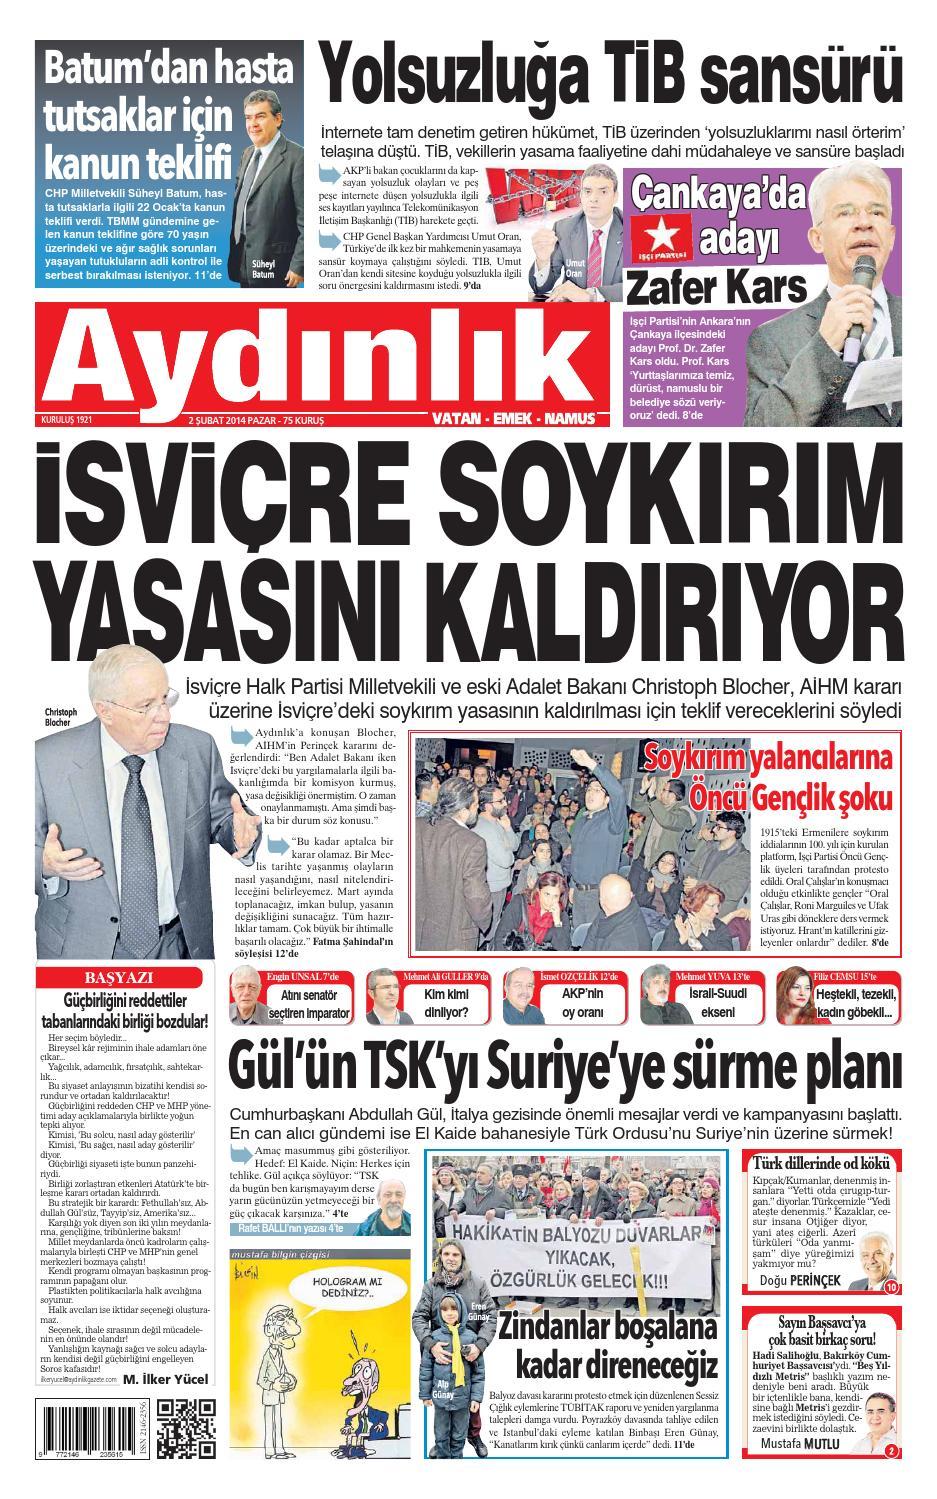 Altan Gördüm, CHPden teklif gelirse İzmir Foçadan aday olmak istiyor 27